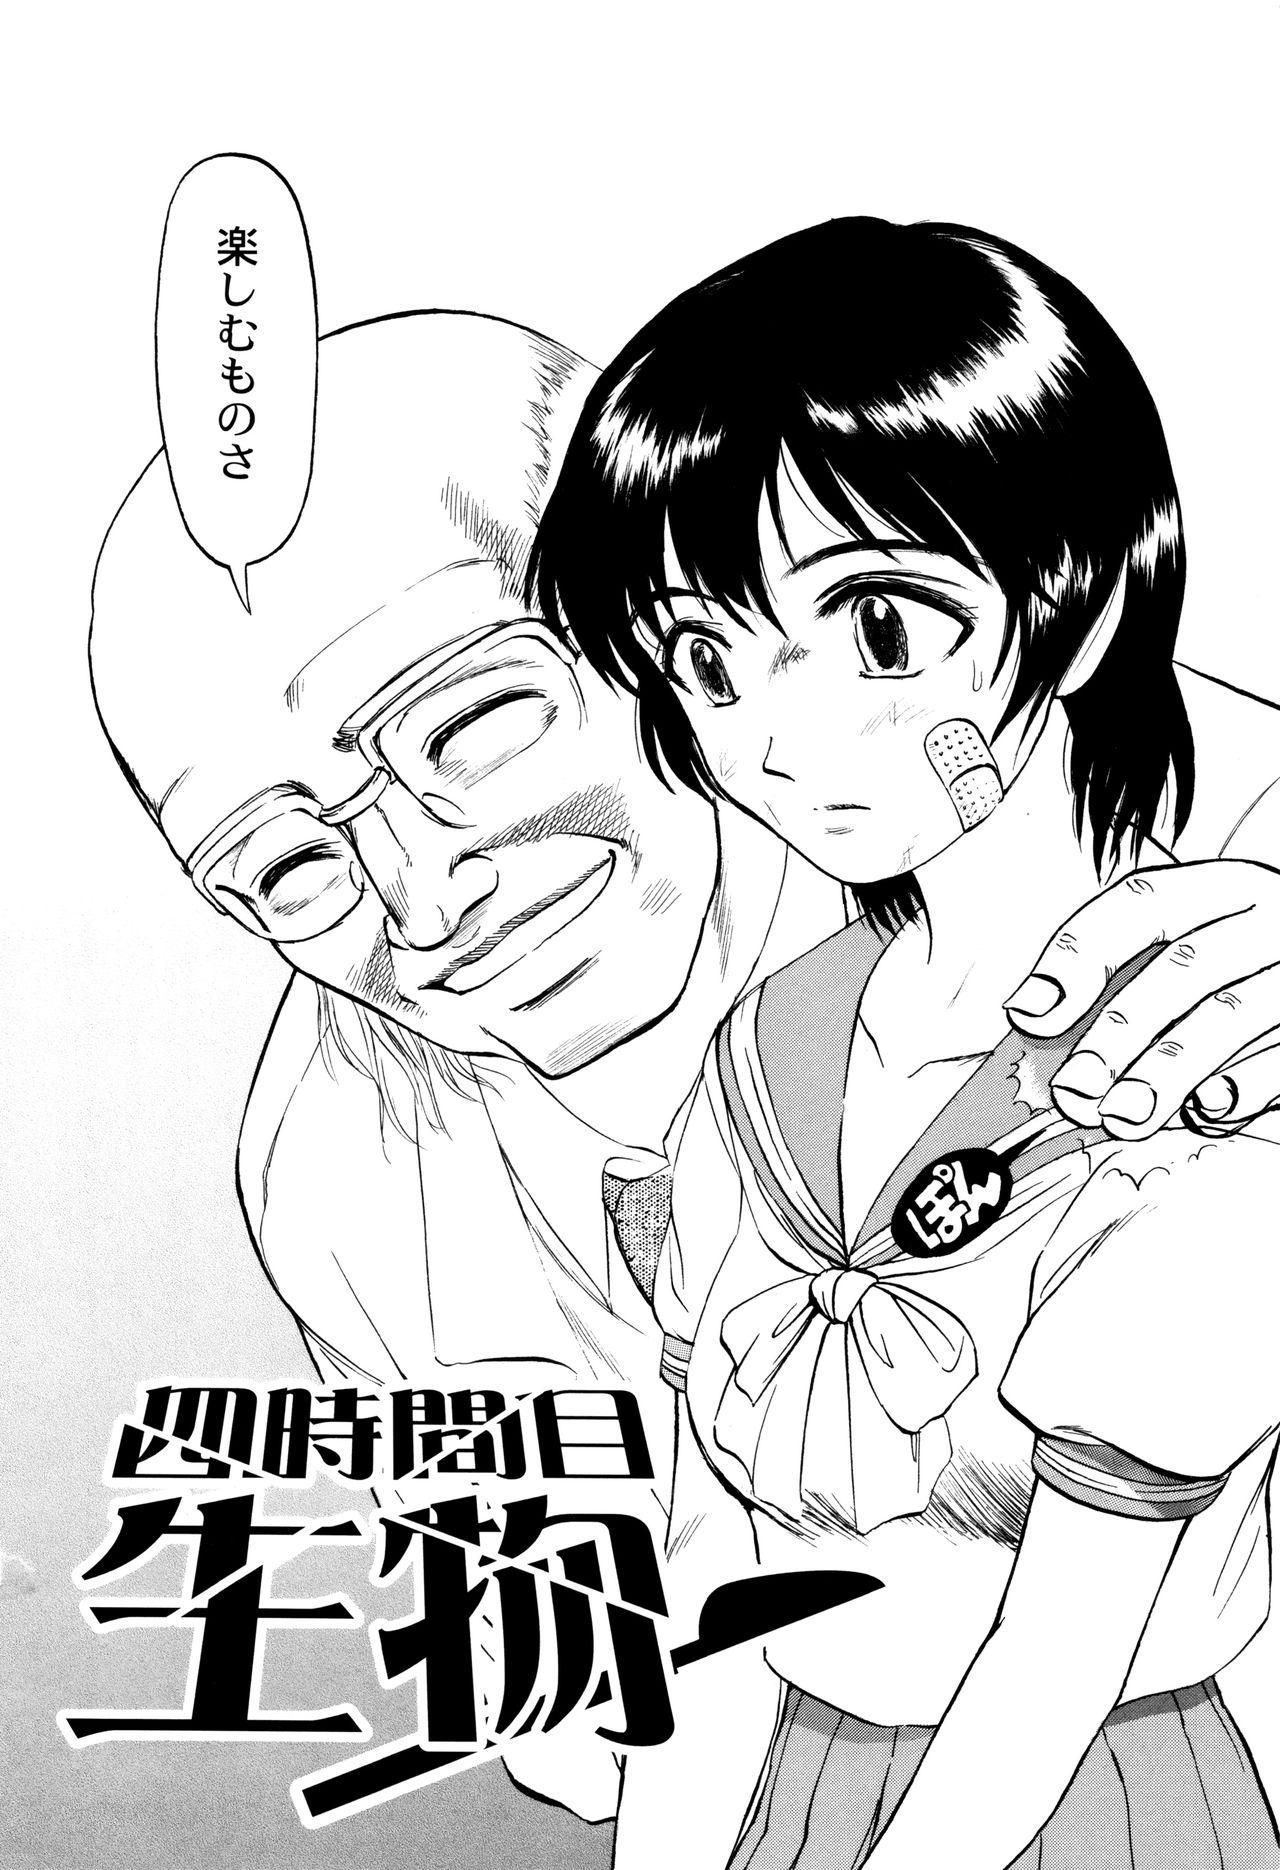 Chishigoyomi 112